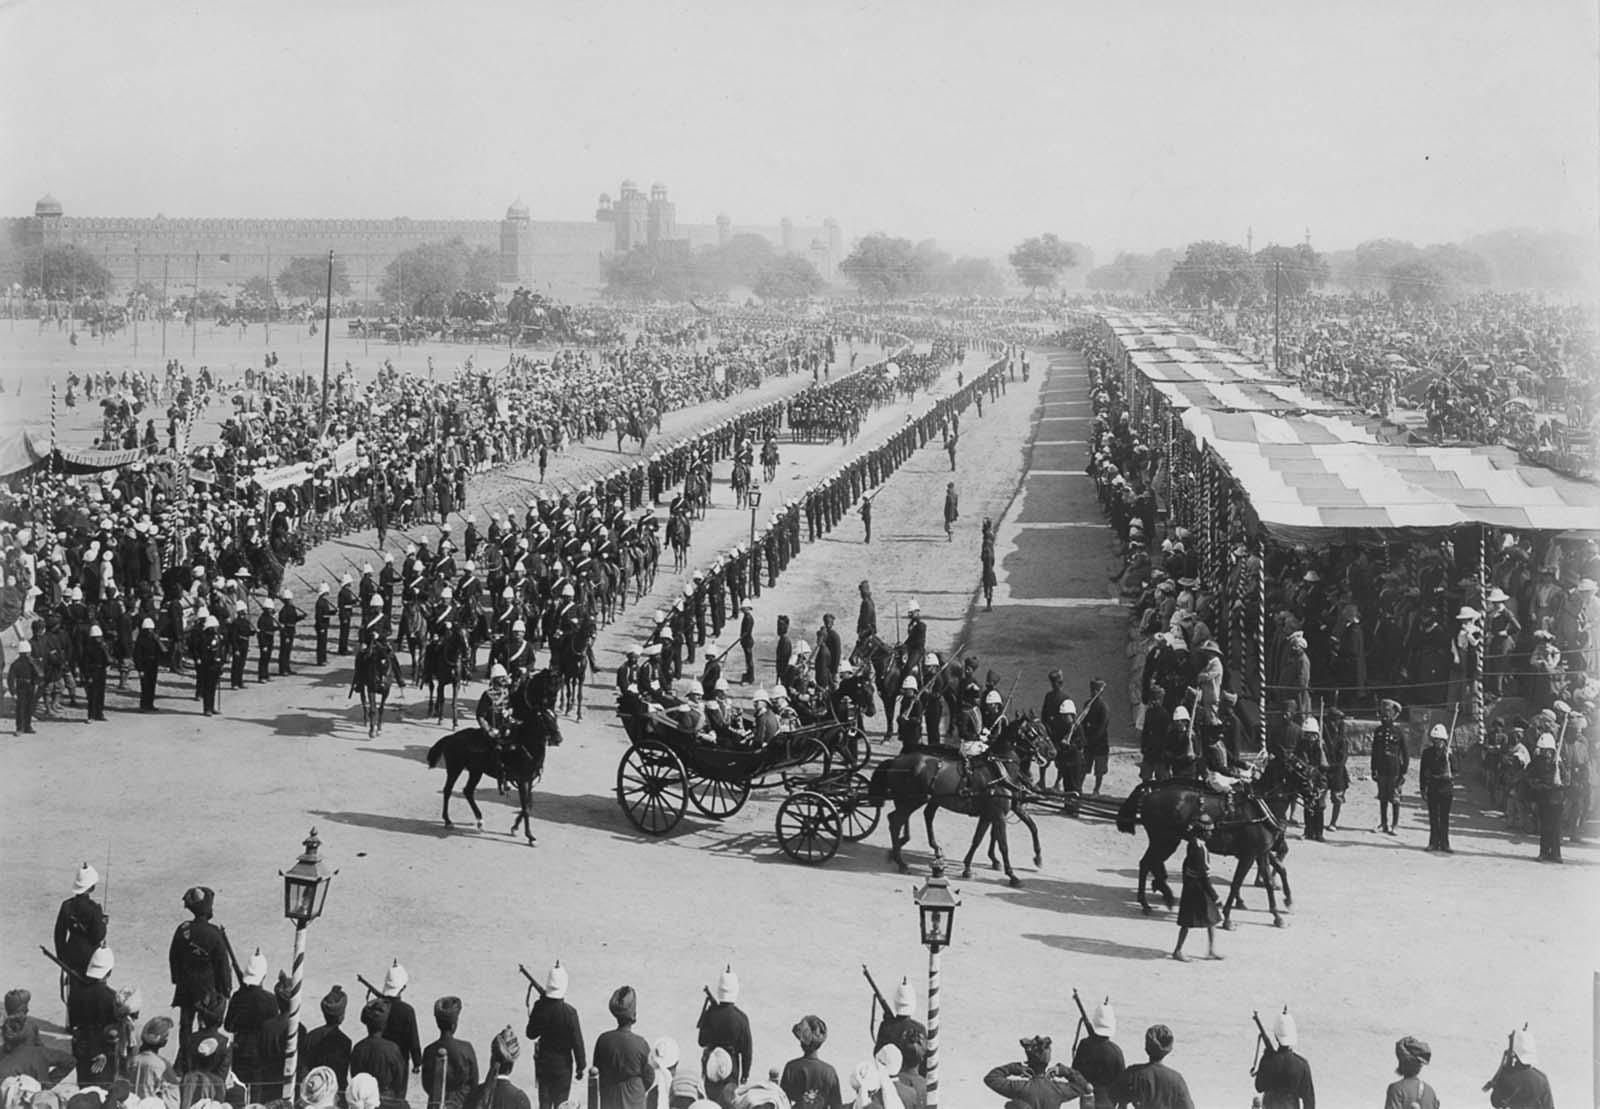 Em 1911 a realeza britânica foi à Índia para ser coroada e aproveitou para caçar 04